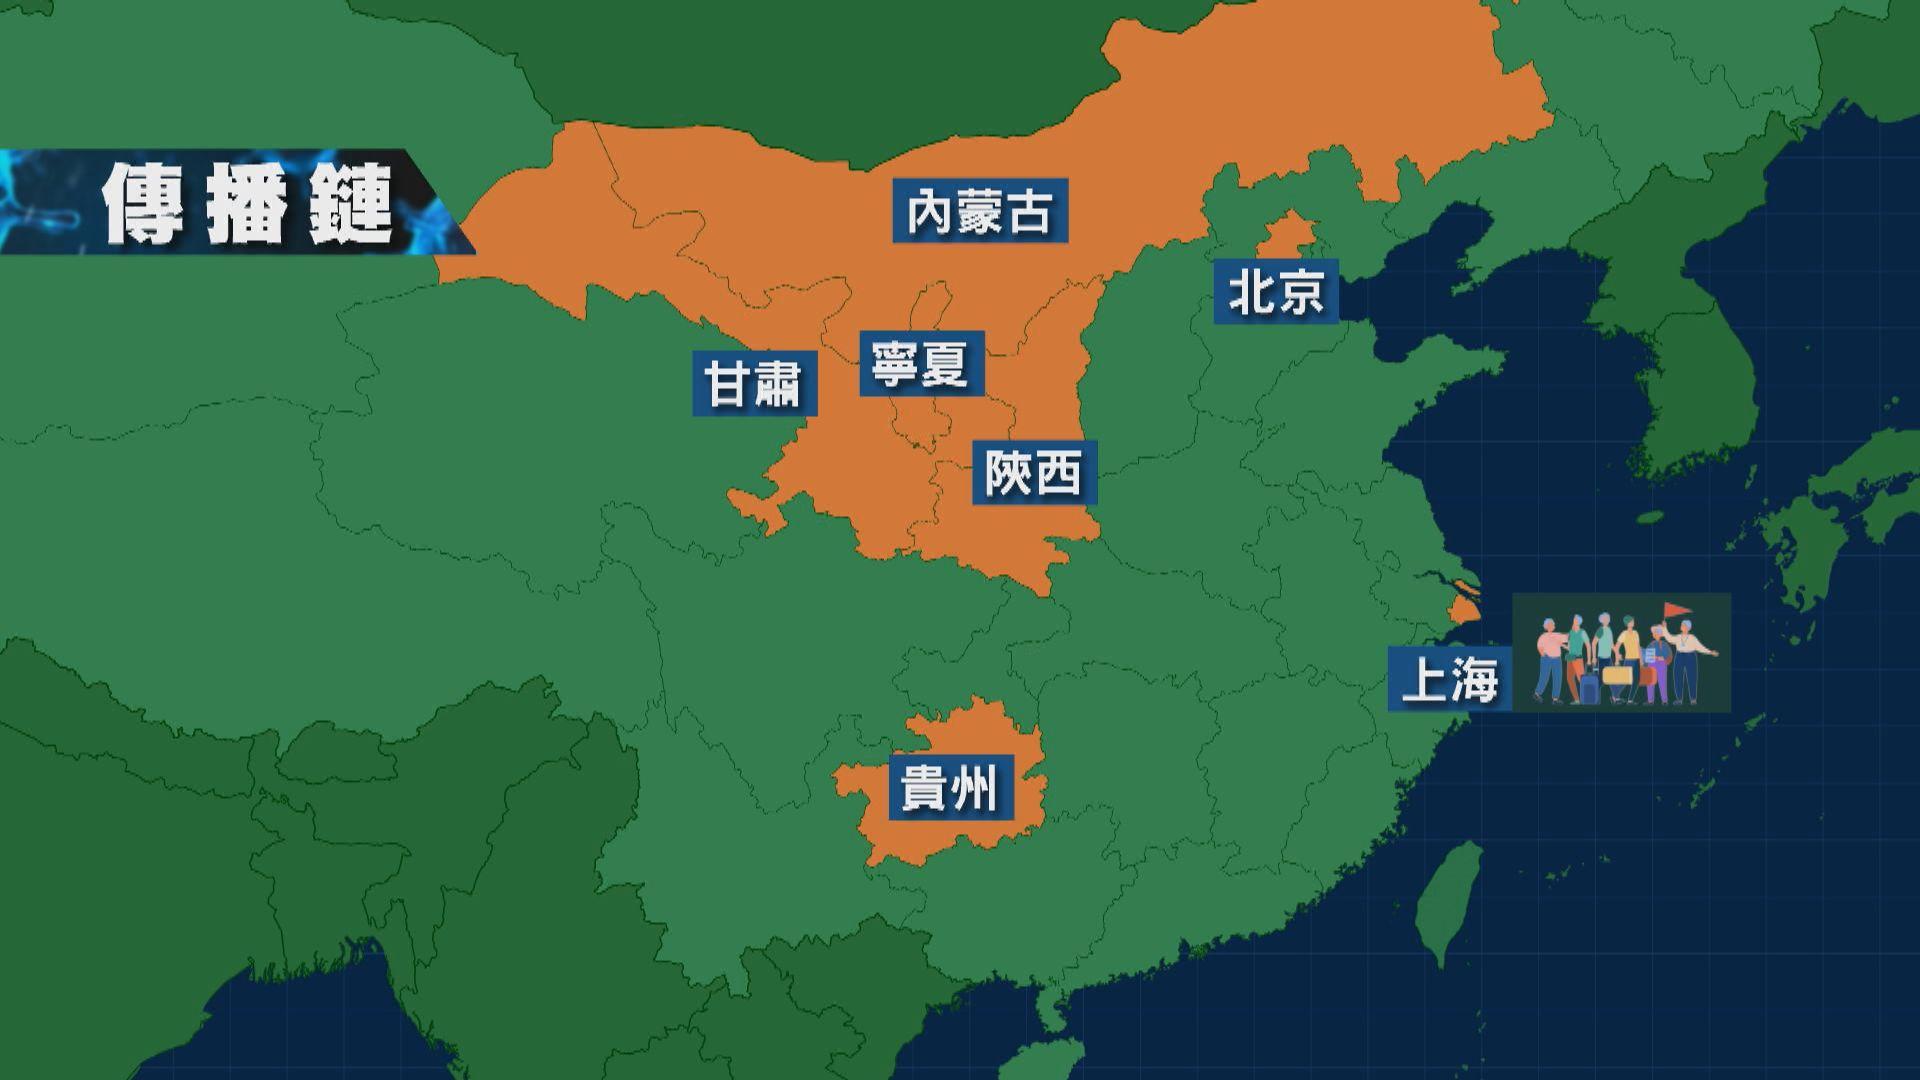 上海旅行團傳播鏈蔓延七省市 內蒙古一餐廳成傳播熱點